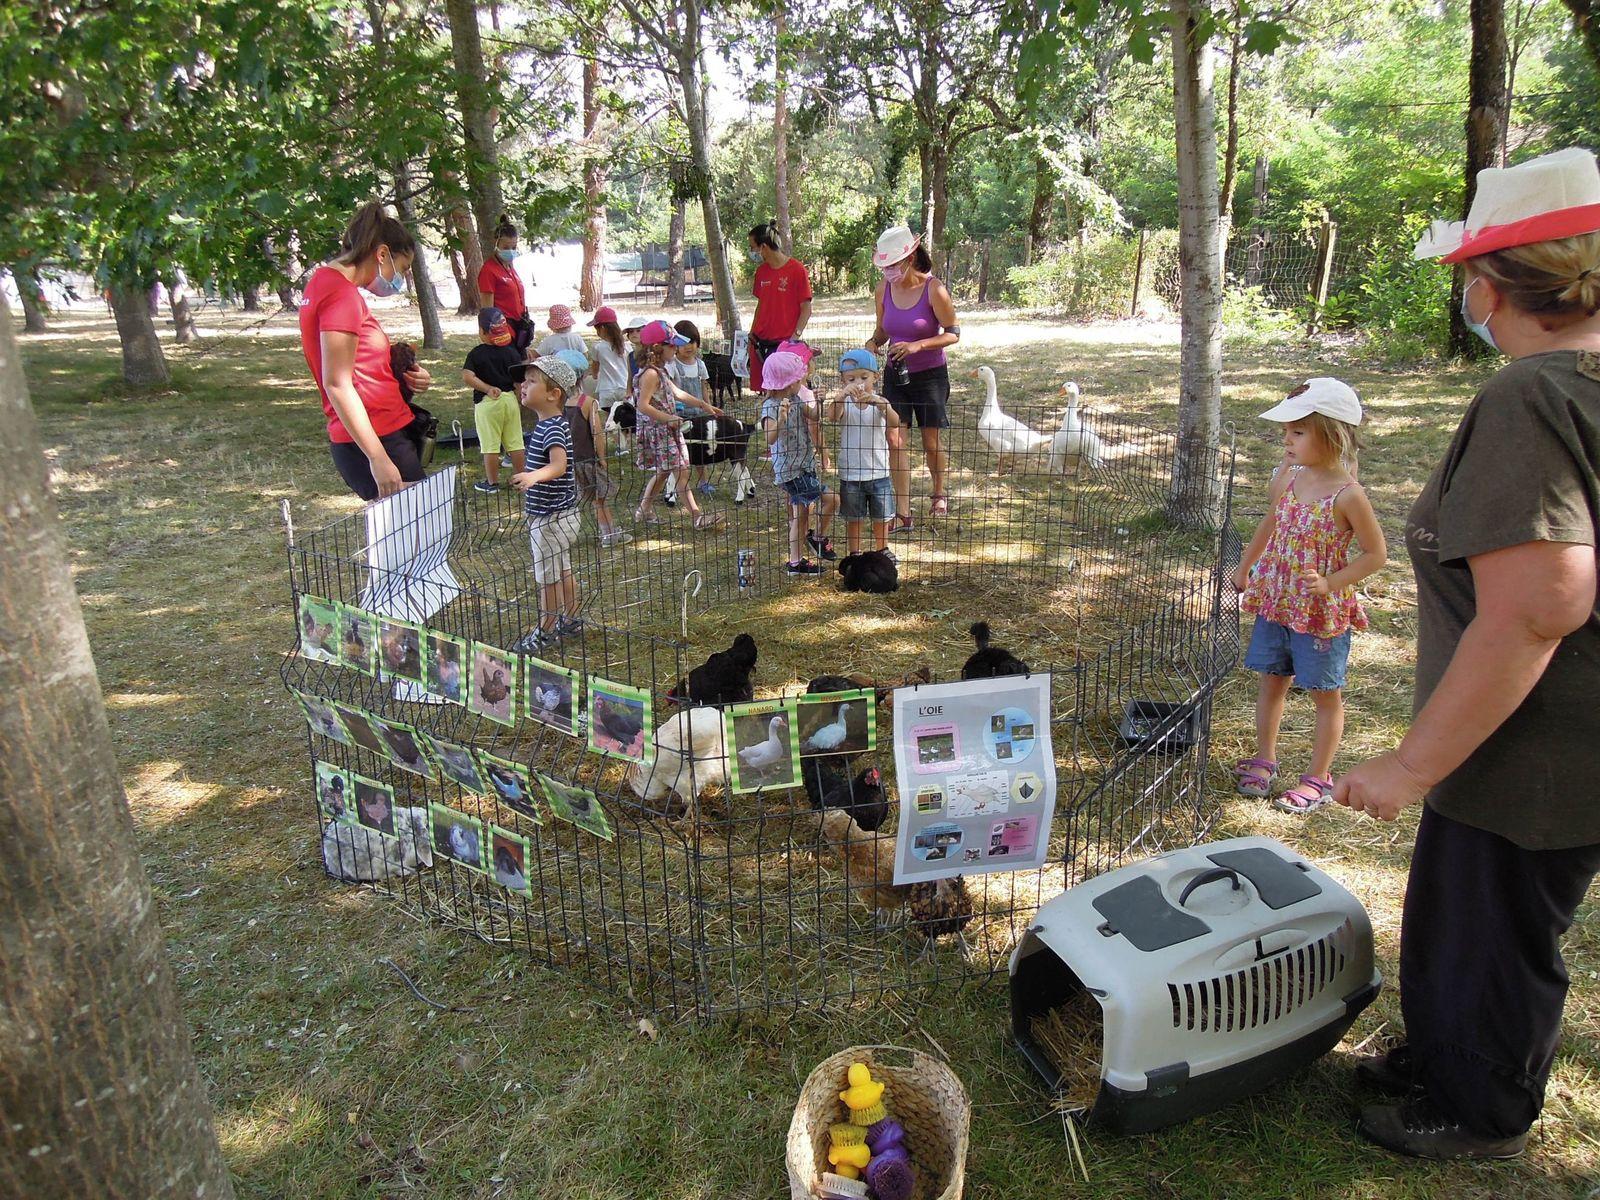 La ferme pédagogique a déplacé son porcelet, ses poules et ses oies au centre, pour la plus grande joie des petits. DDM.G.D.